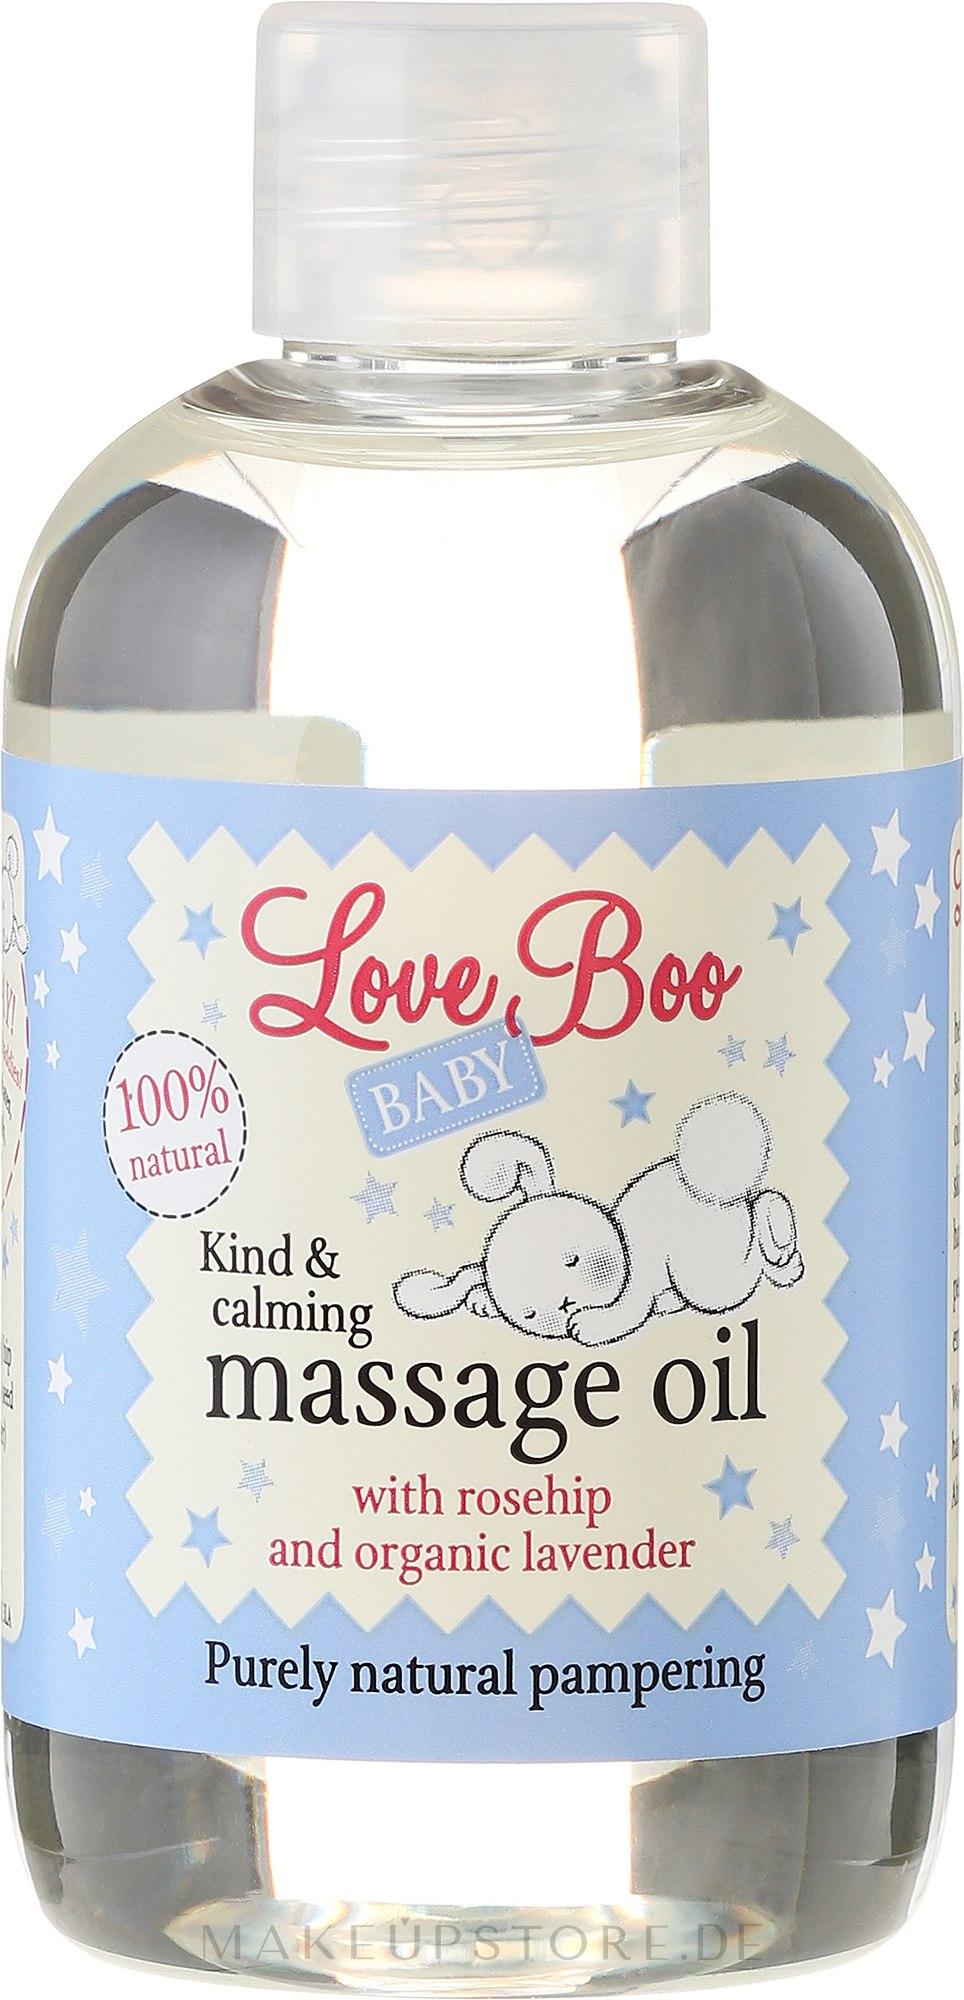 Beruhigendes Massageöl für Kinder mit Hagebutte und Bio Lavendel - Love Boo Baby Kind & Calming Massage Oil — Bild 100 ml